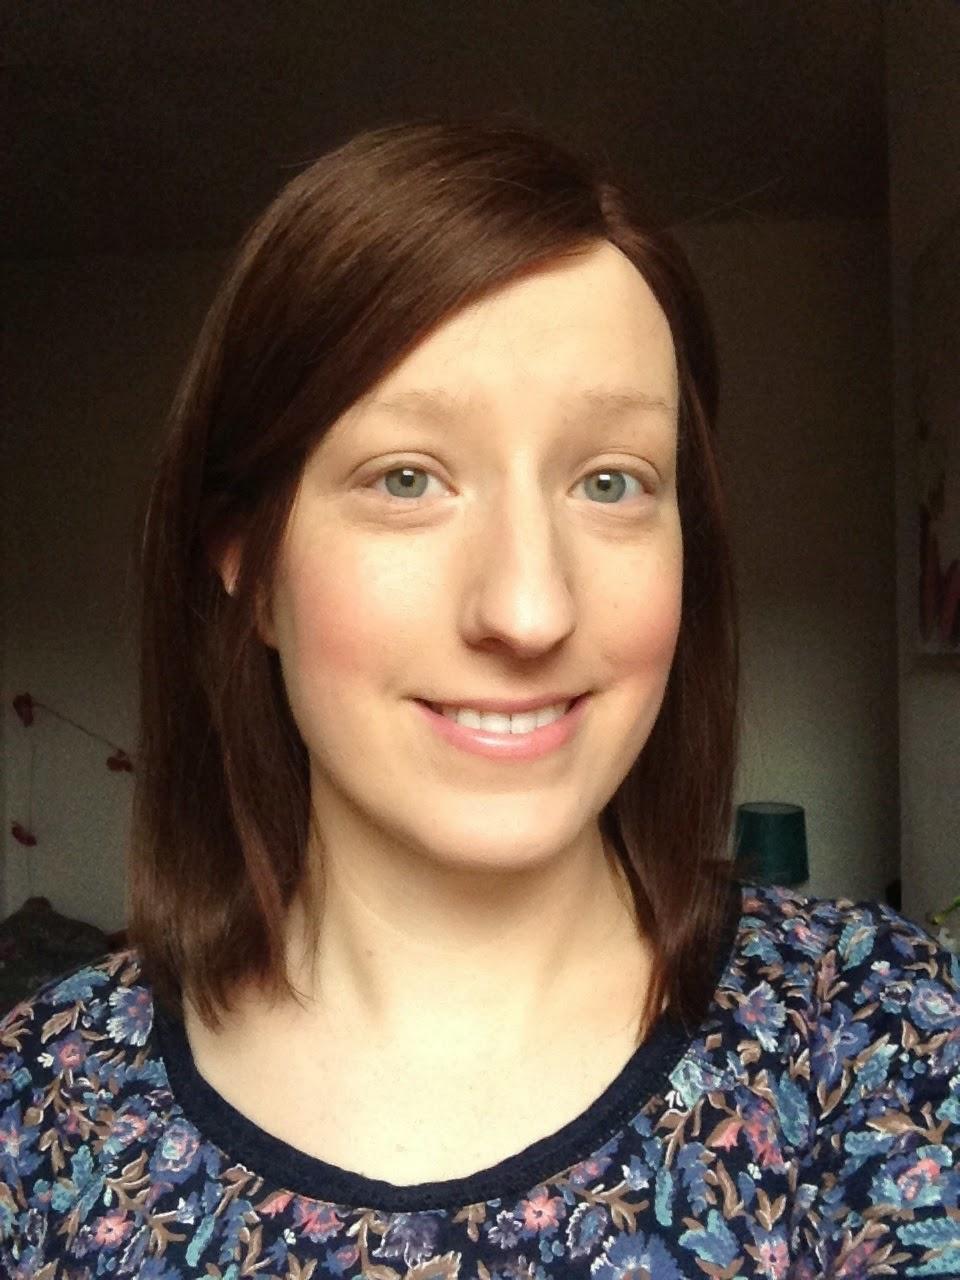 girl no eyebrows